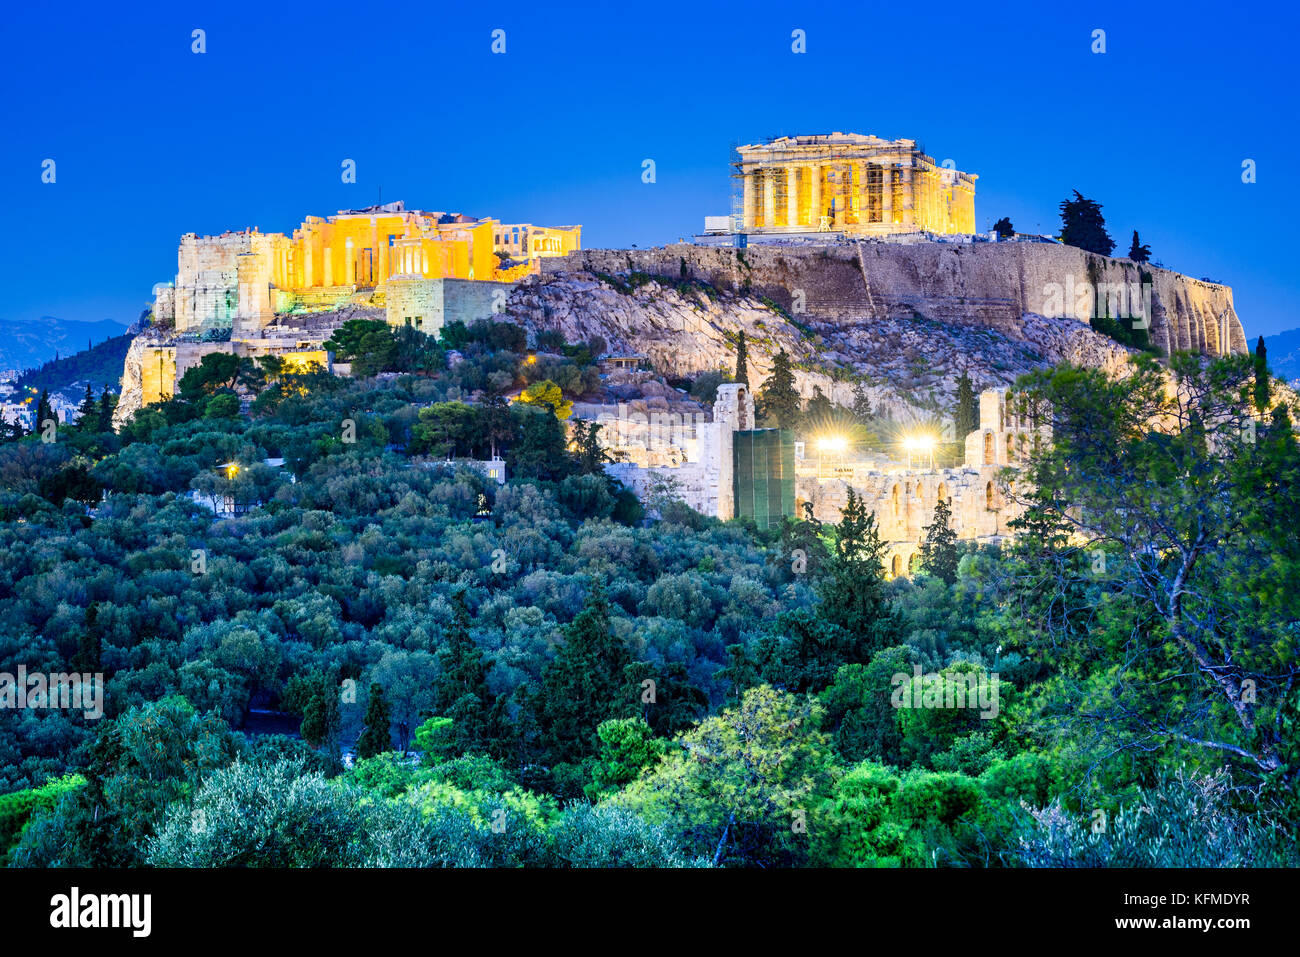 Atene, Grecia - vista notturna di acropoli antica cittadella della civiltà greca. Foto Stock